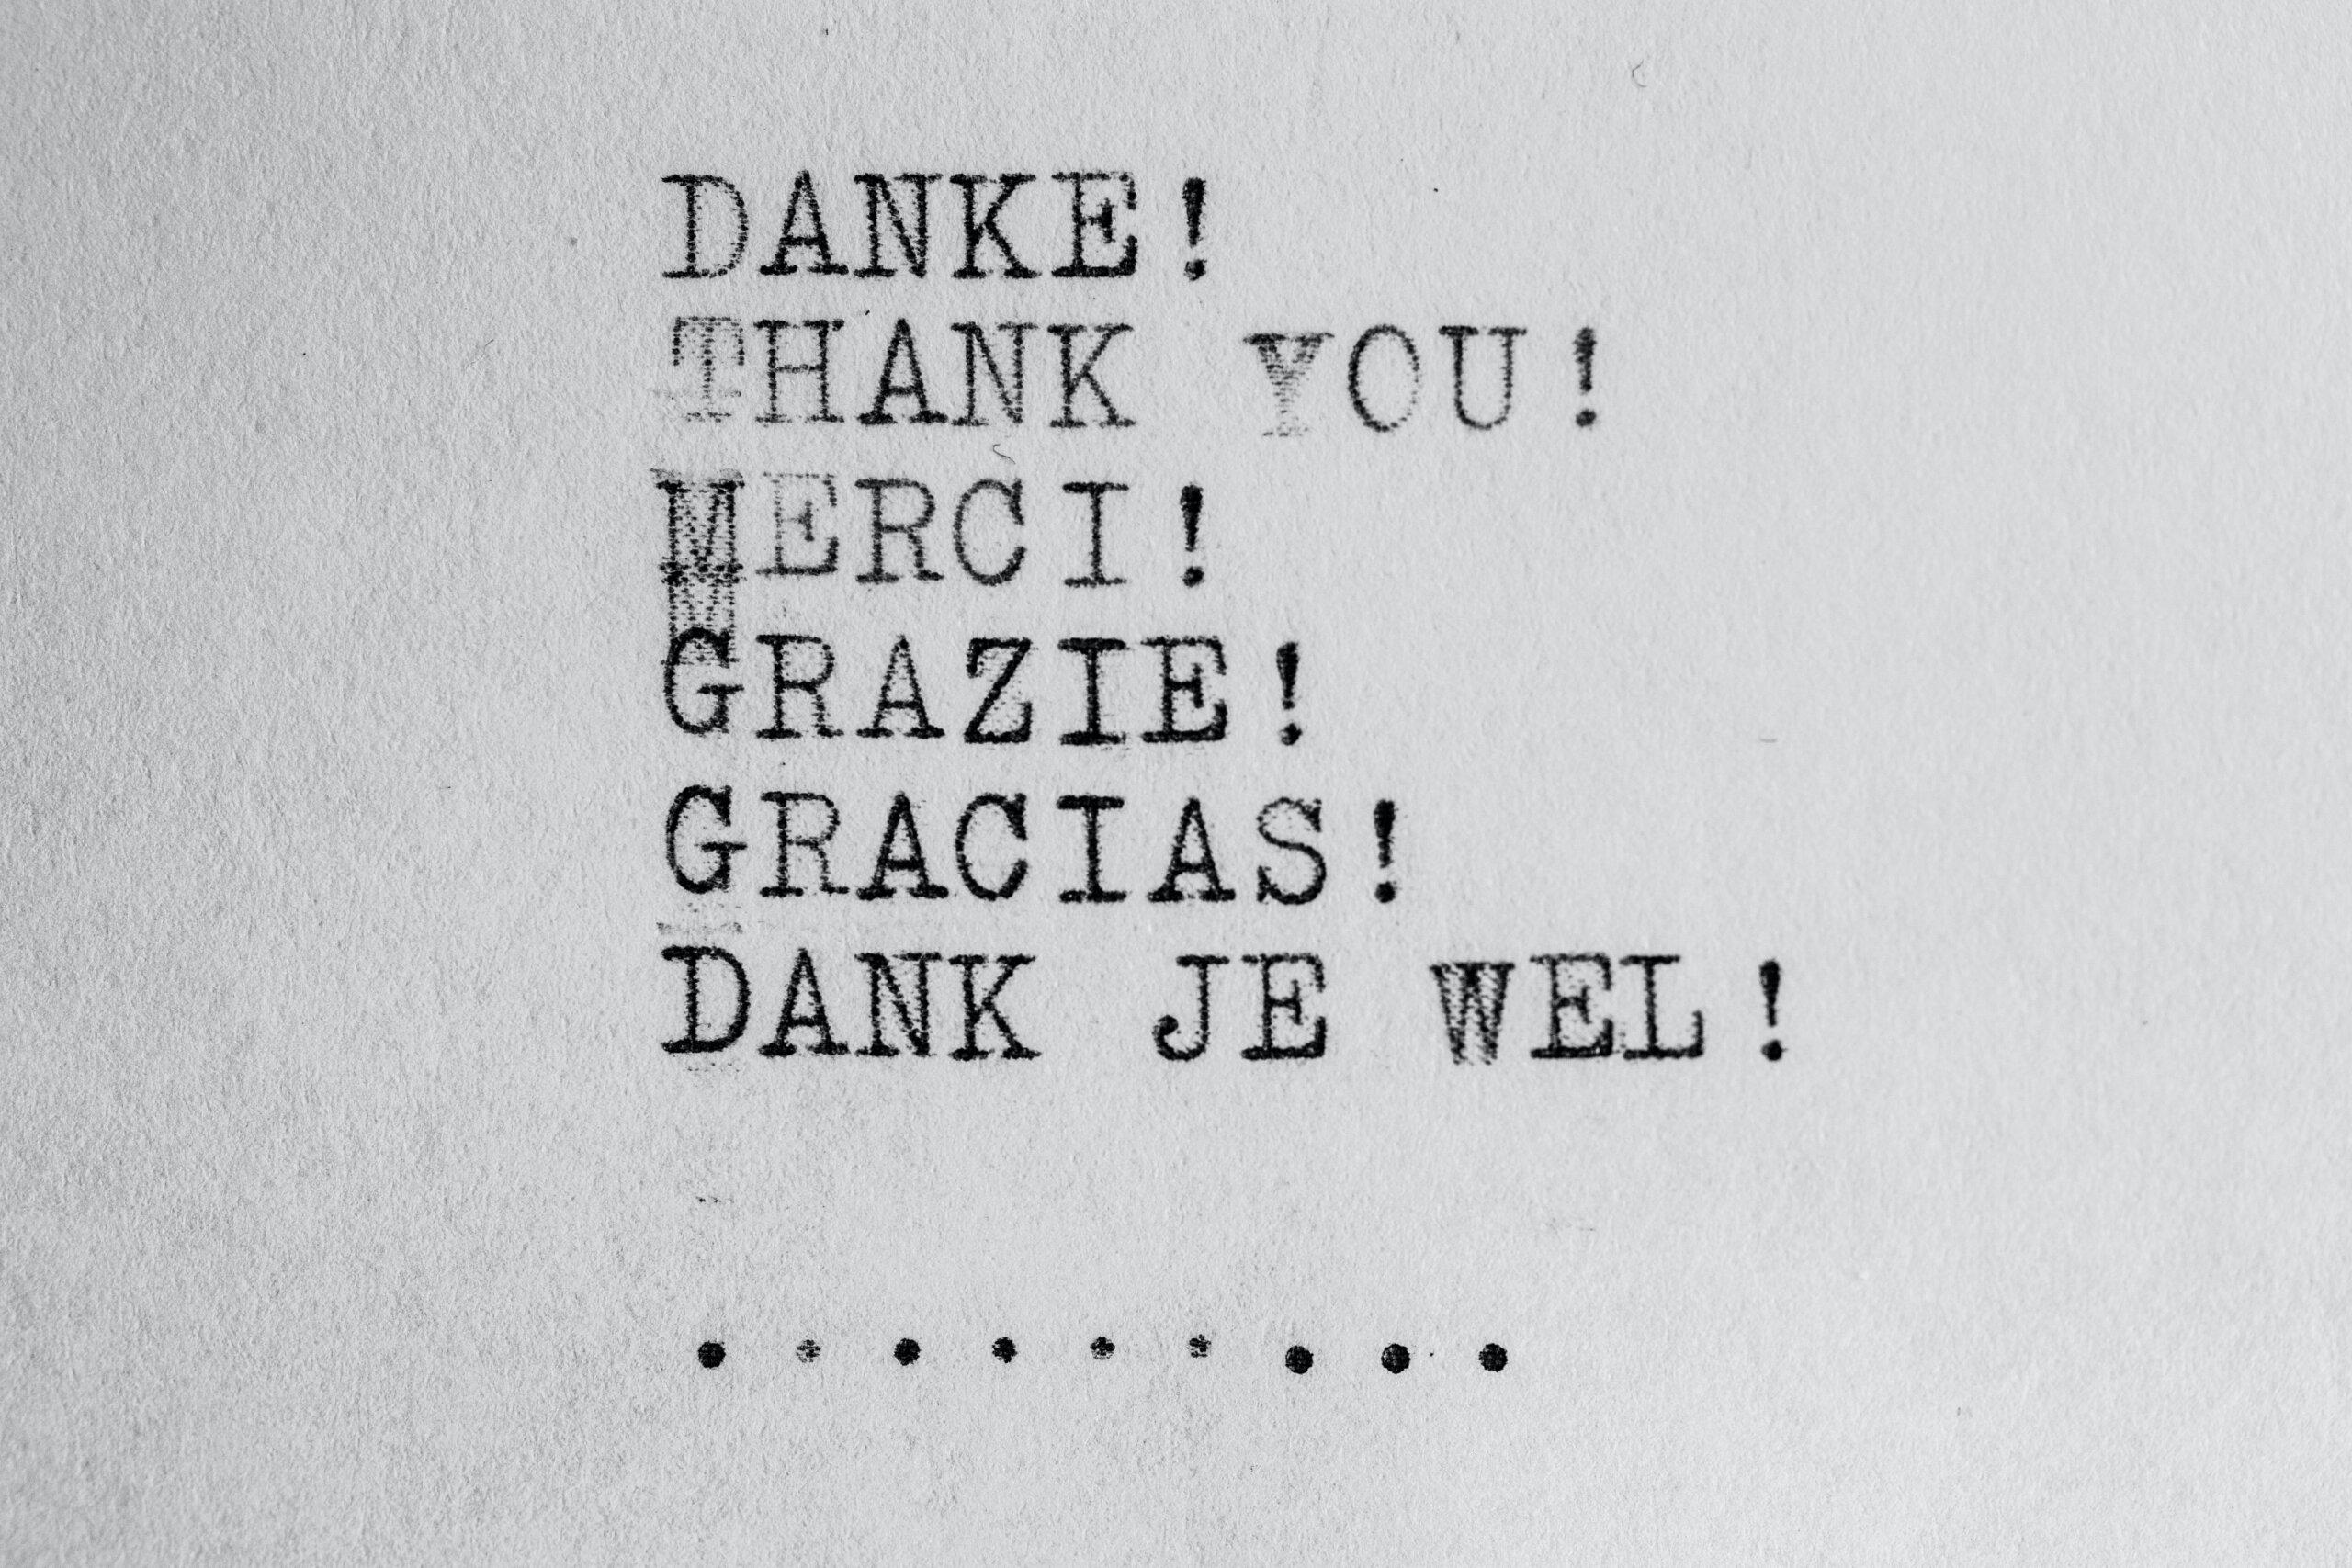 Nanagement bedankt voor uw bericht